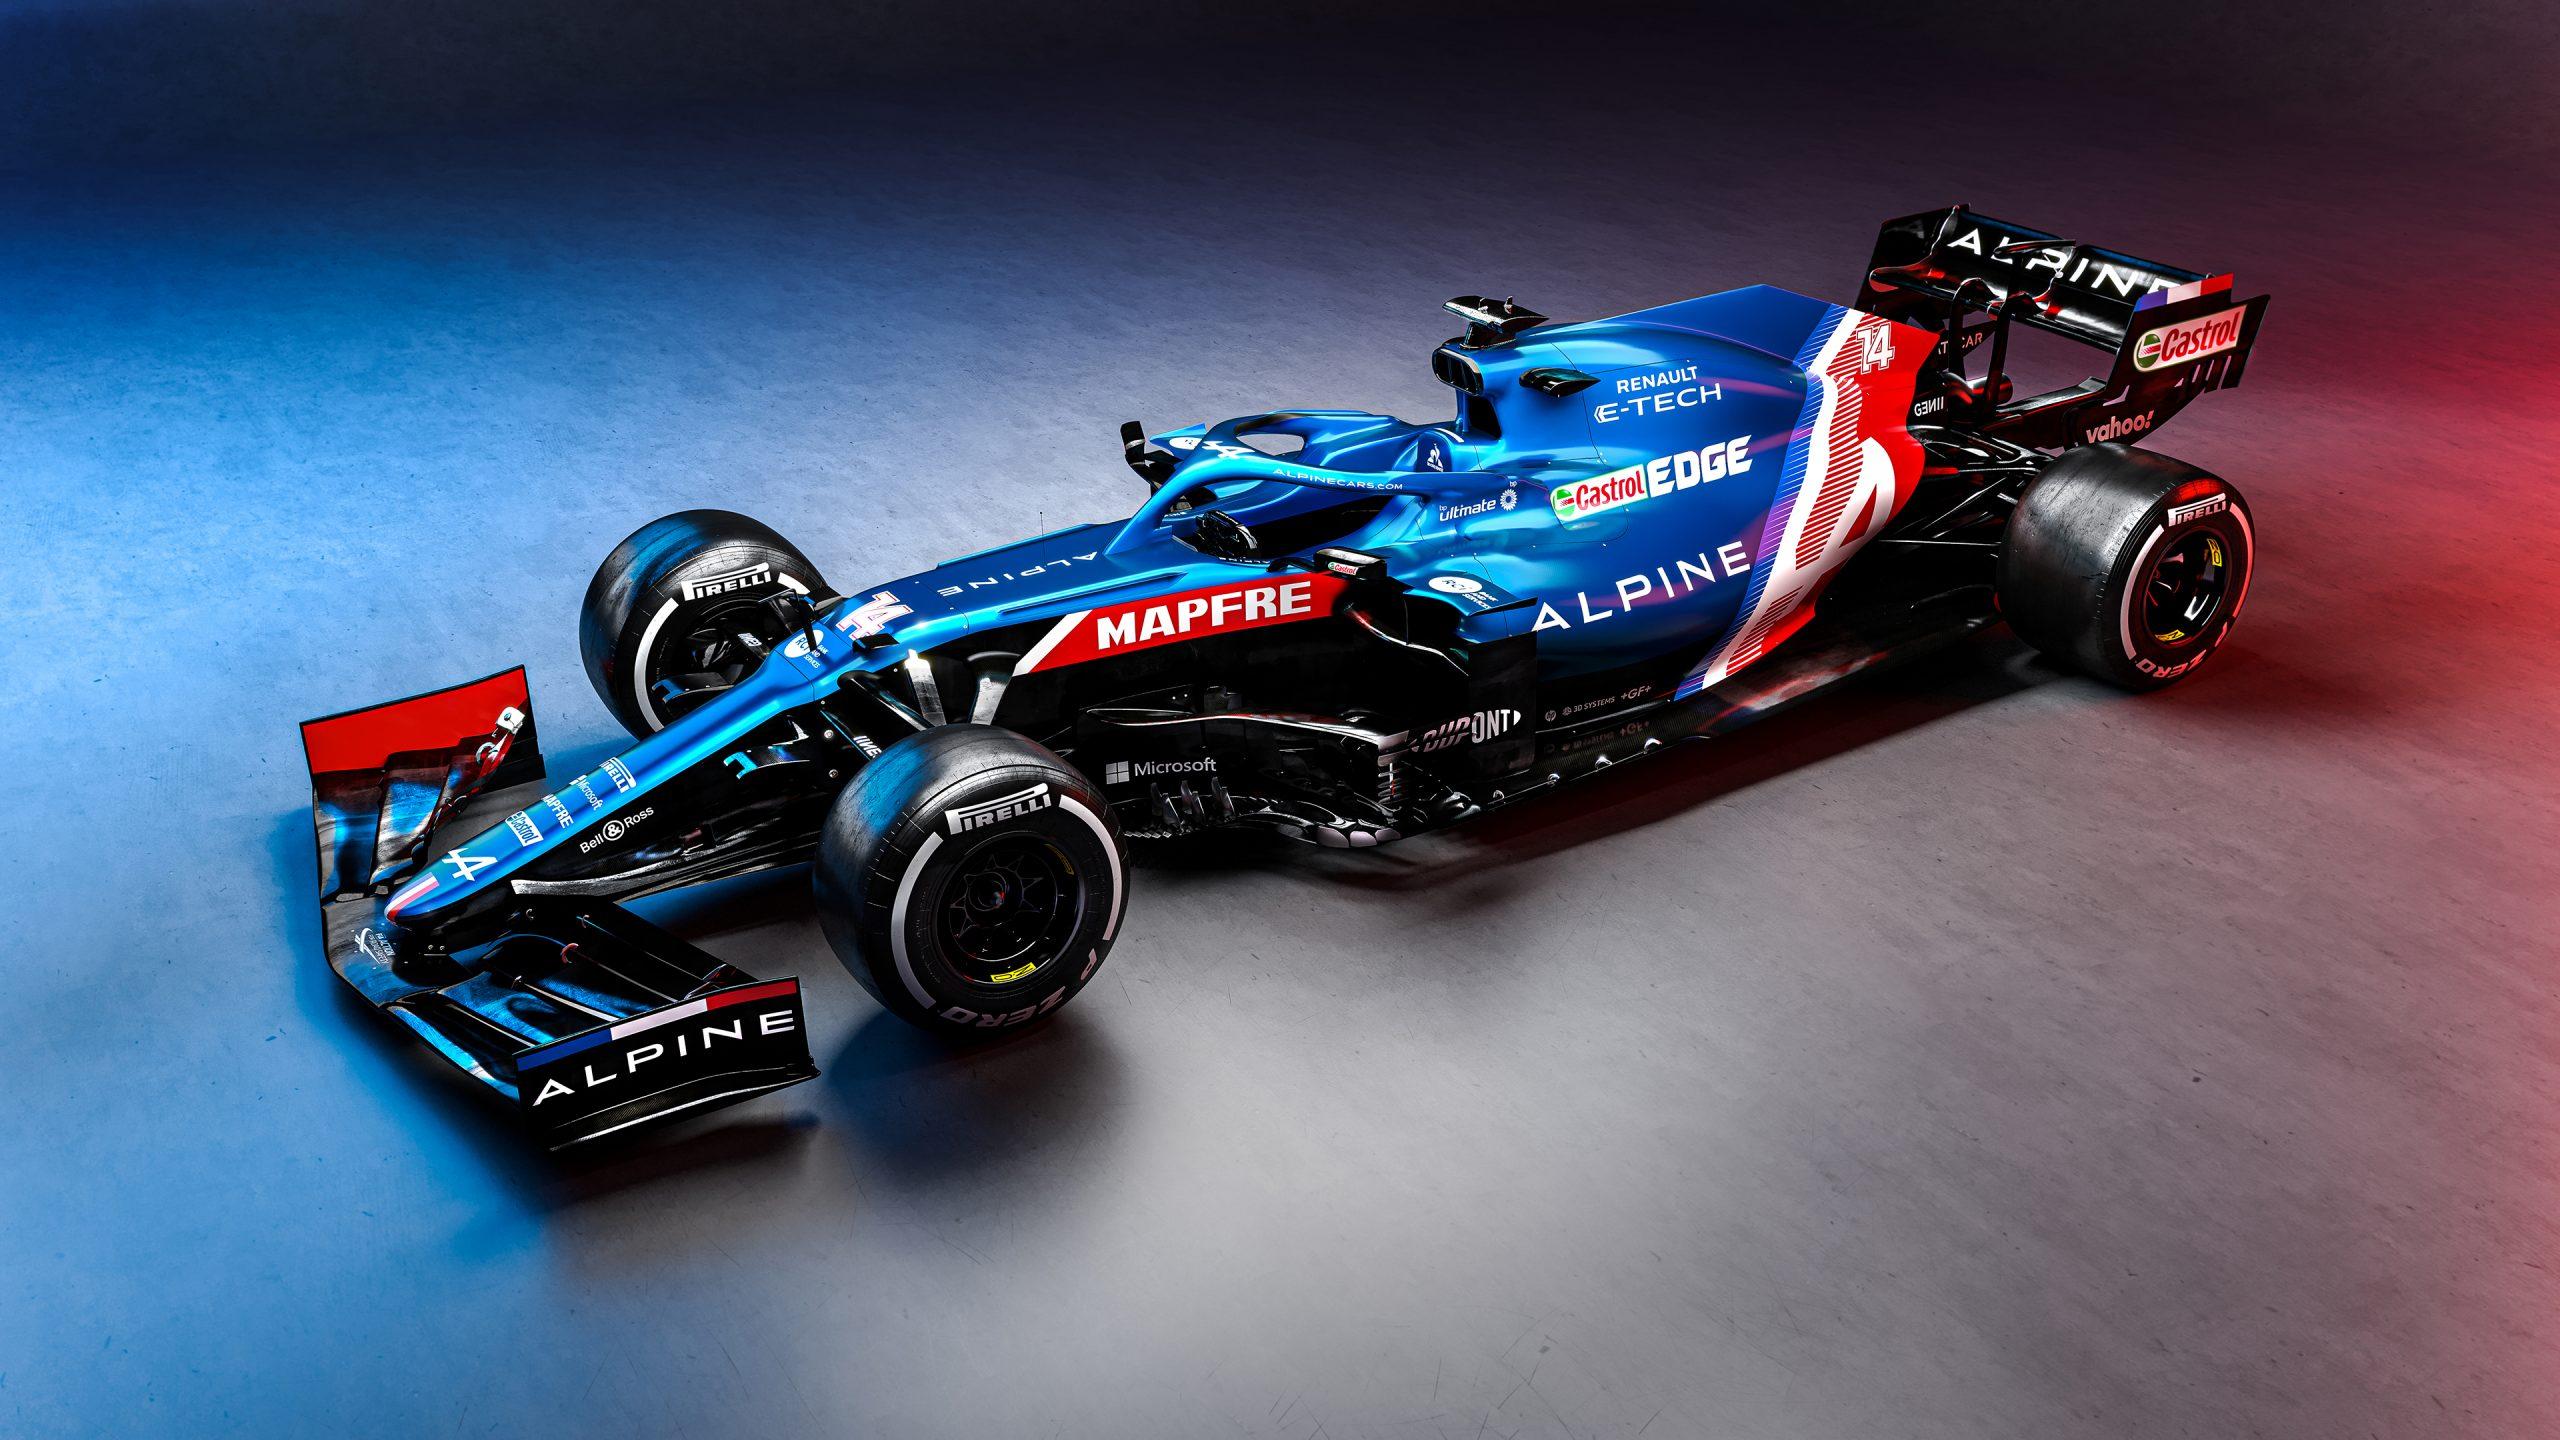 ALPINE F1 TEAM GEEFT STARTSCHOT VOOR SEIZOEN 2021